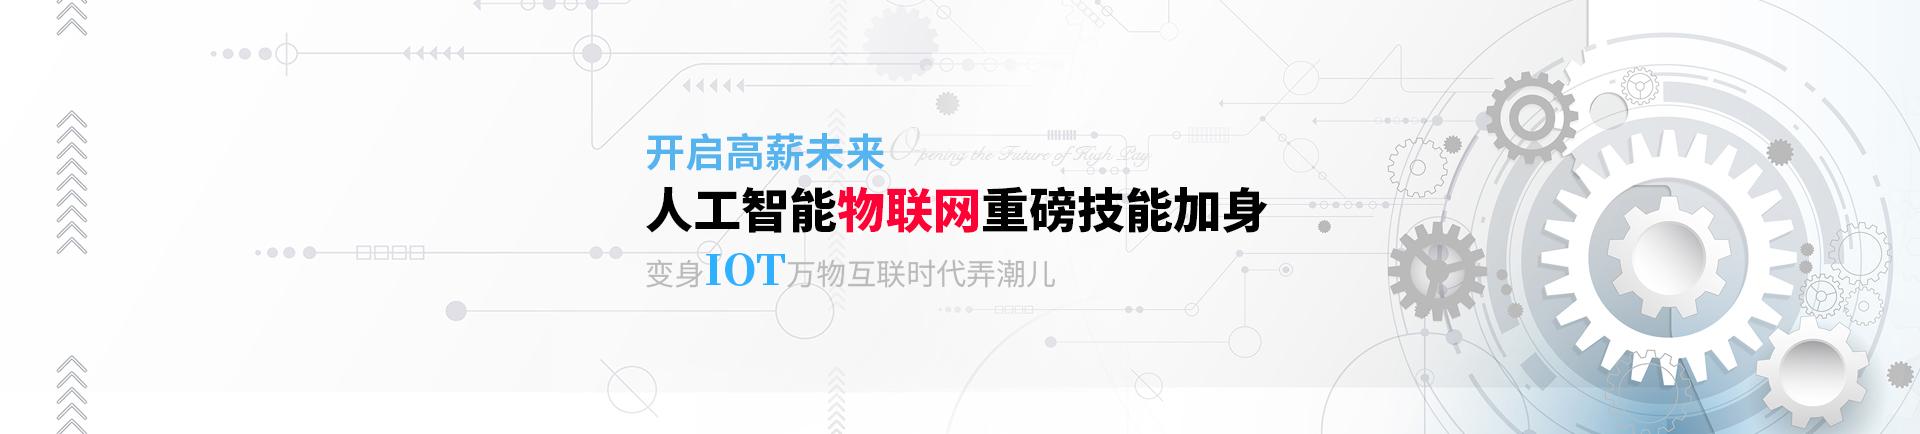 人工智能物�网�磅技能加身 �身IOT万物互�时代弄潮儿-guangzhou